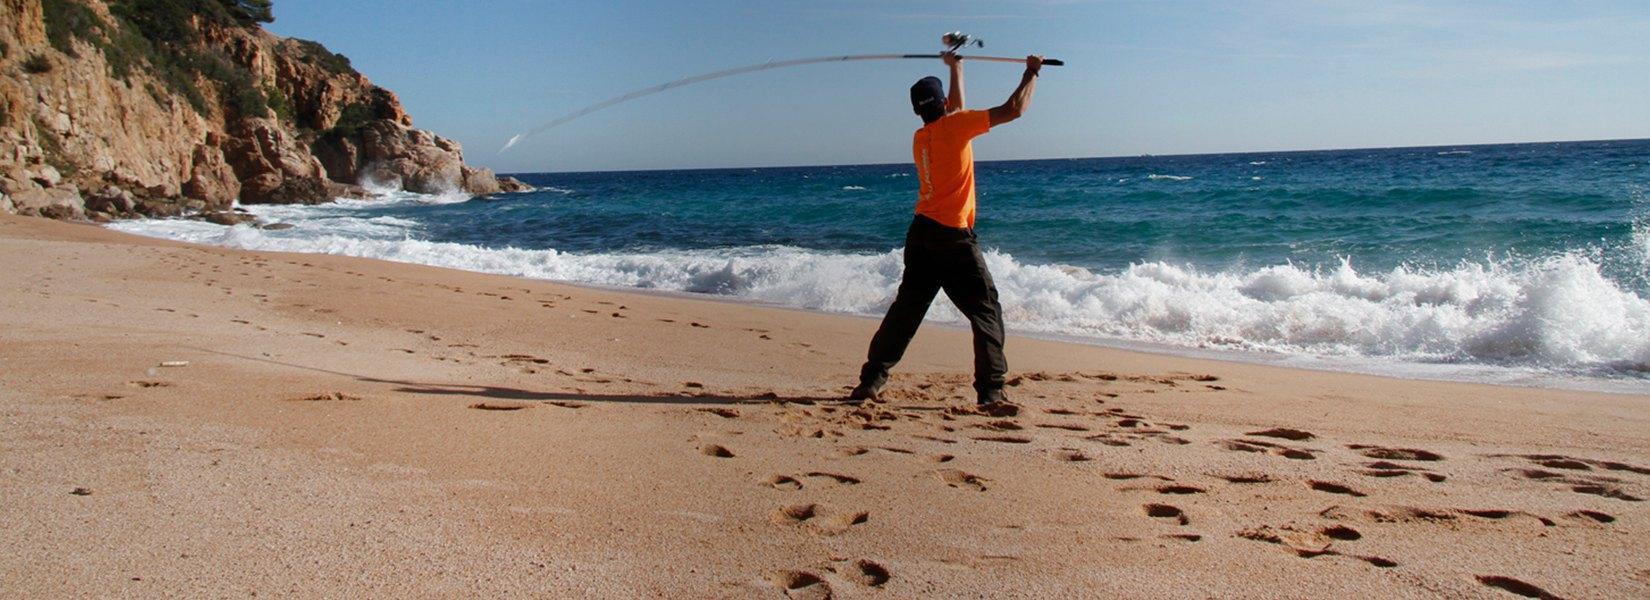 CANYA KALIKUNNAN TRINITY SURF